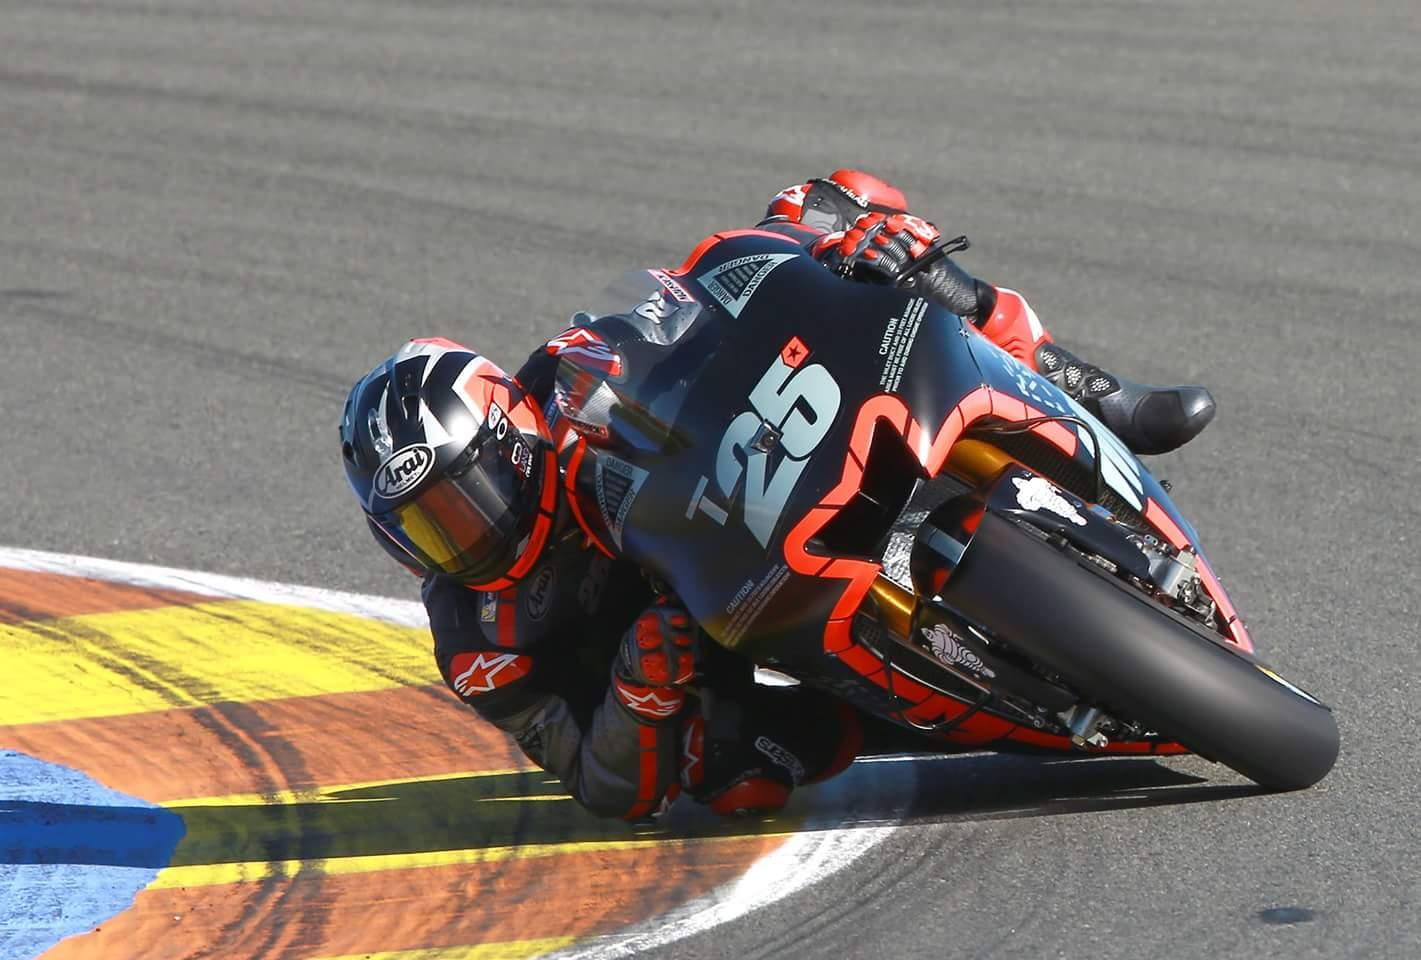 Vinales najhitrejši pred Rossijem in Lorenzom